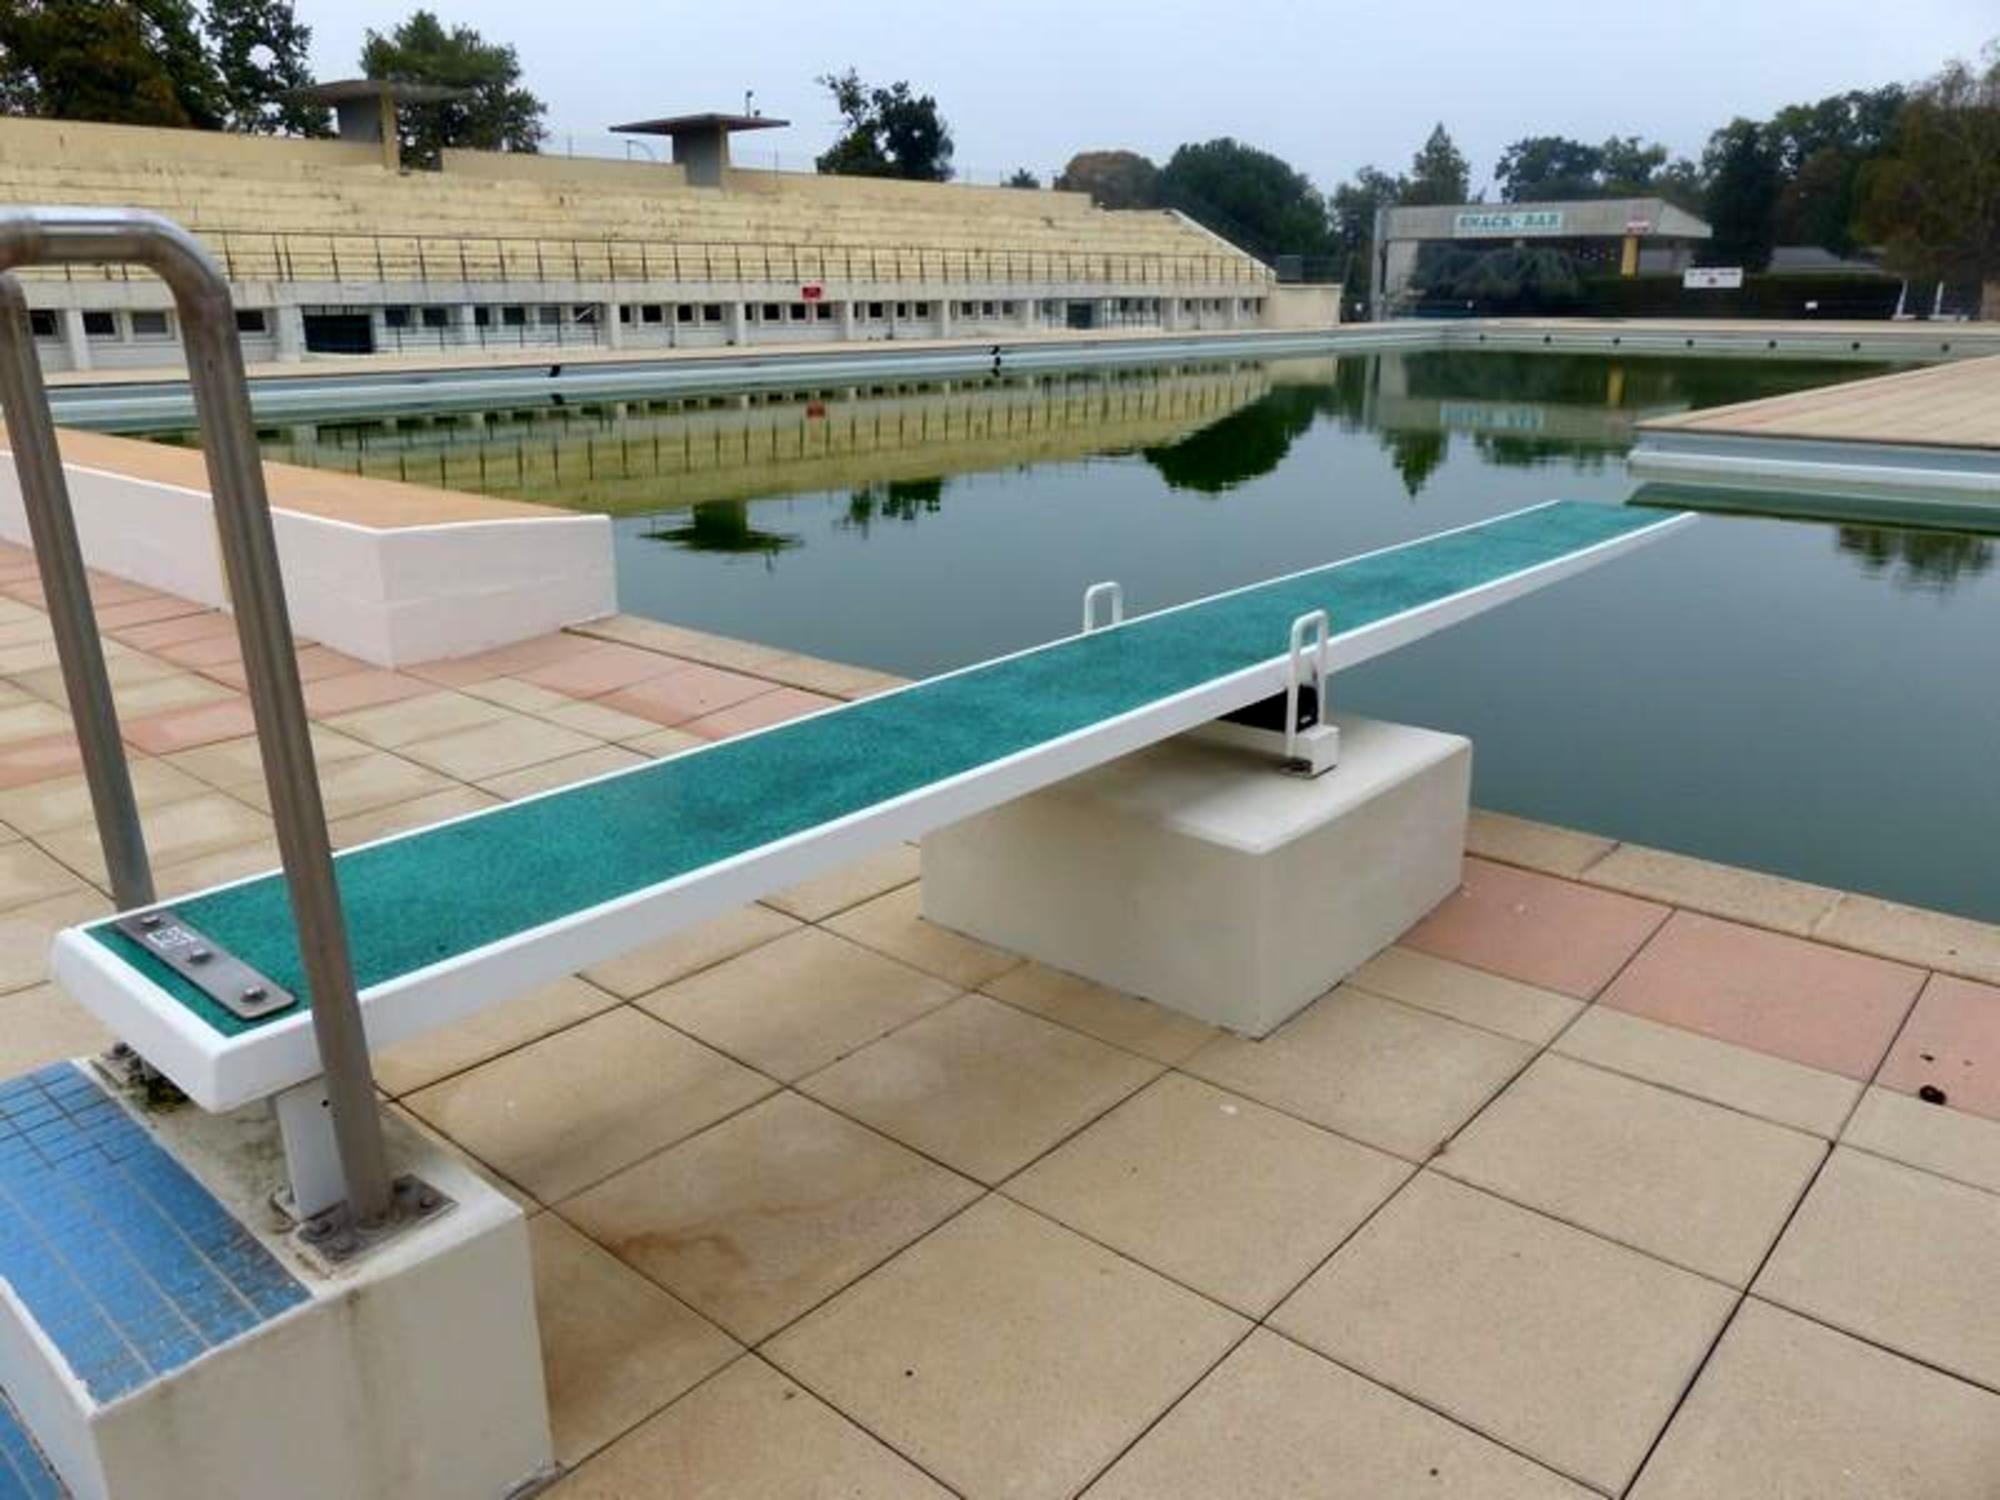 Plongeoir de piscine longeur m tres sport d for Piscine plongeoir